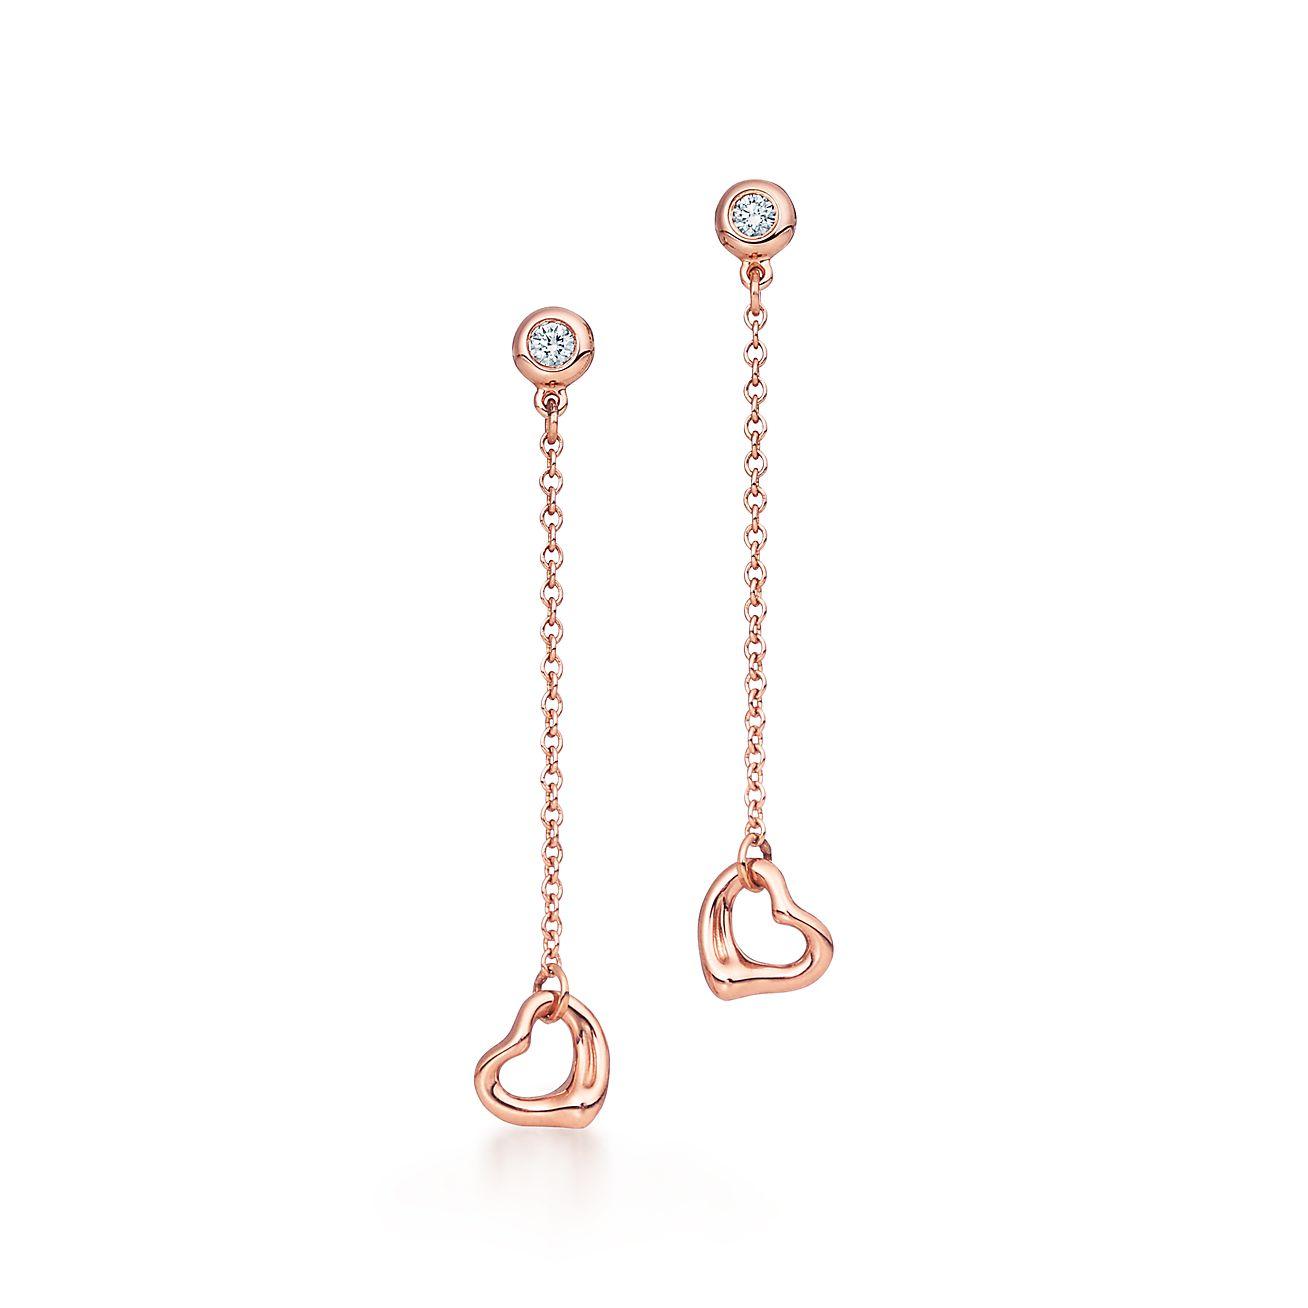 Elsa Peretti Open Heart earrings in 18k rose gold Tiffany & Co.